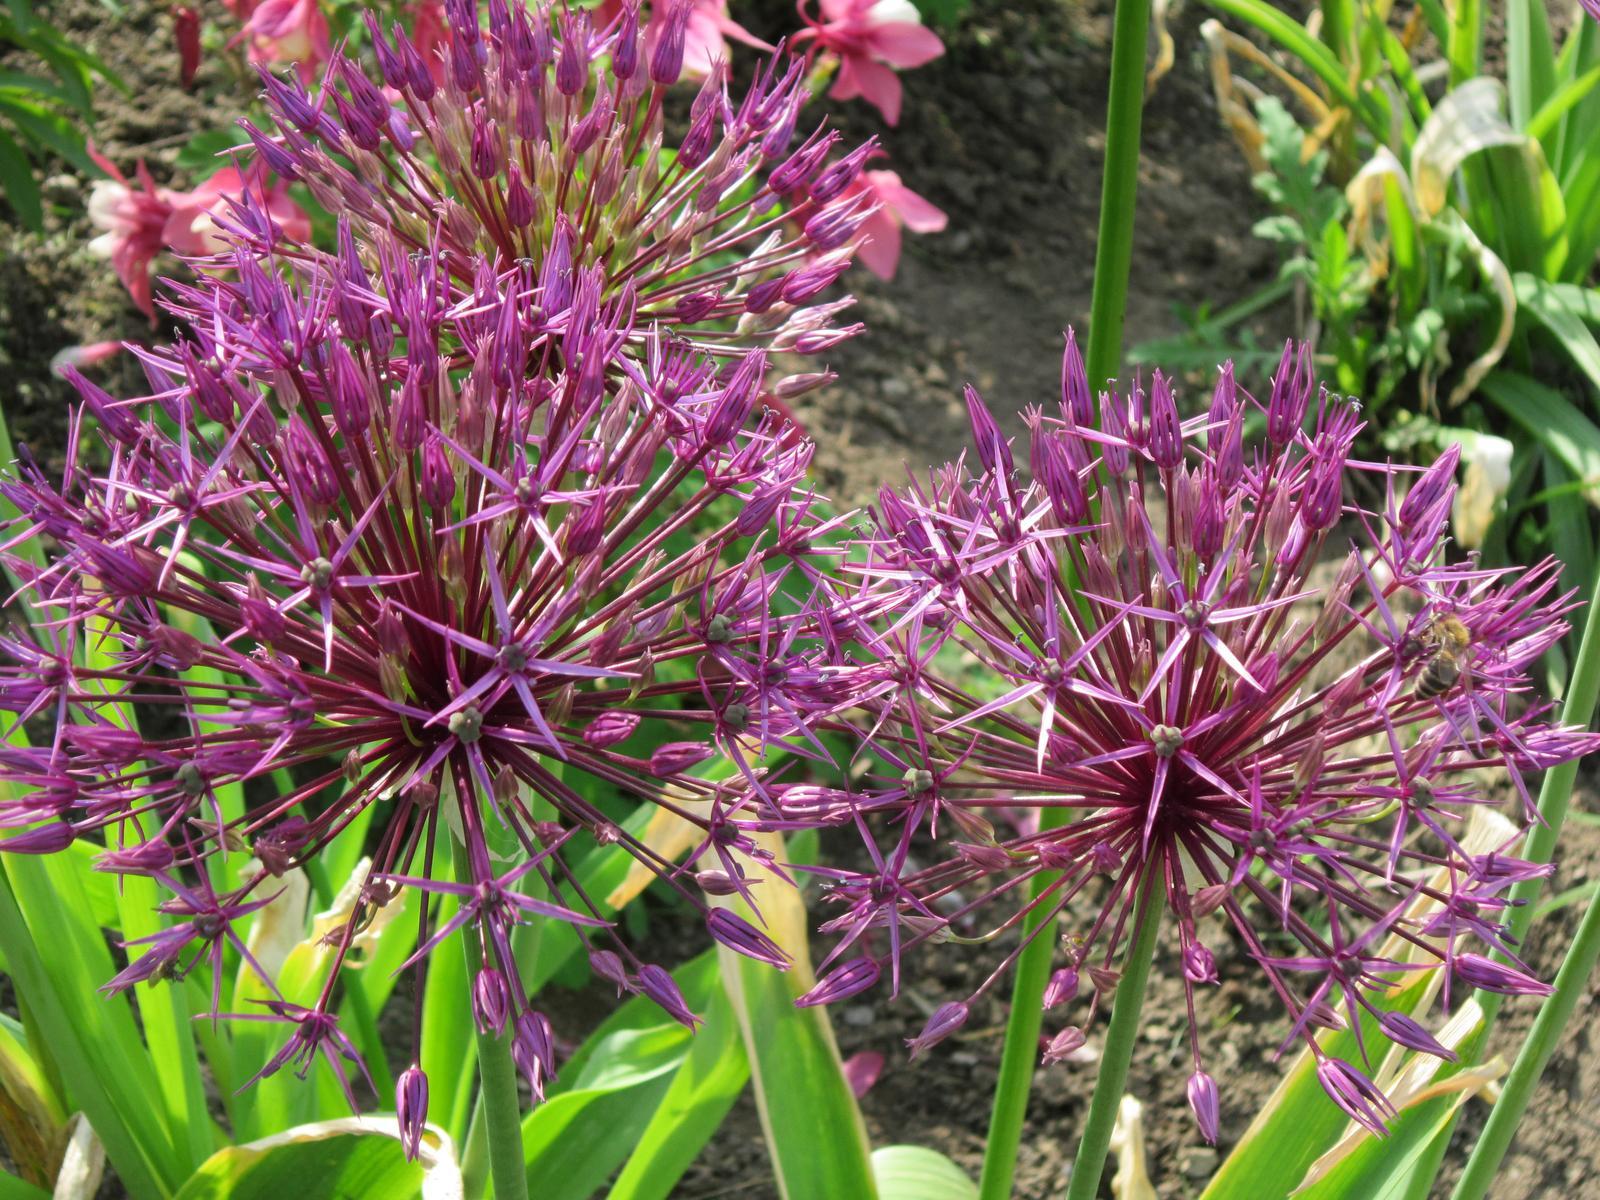 Pozvanie do našej jarnej záhrady - Orlíček medzi cesnakmi...pristane im to.